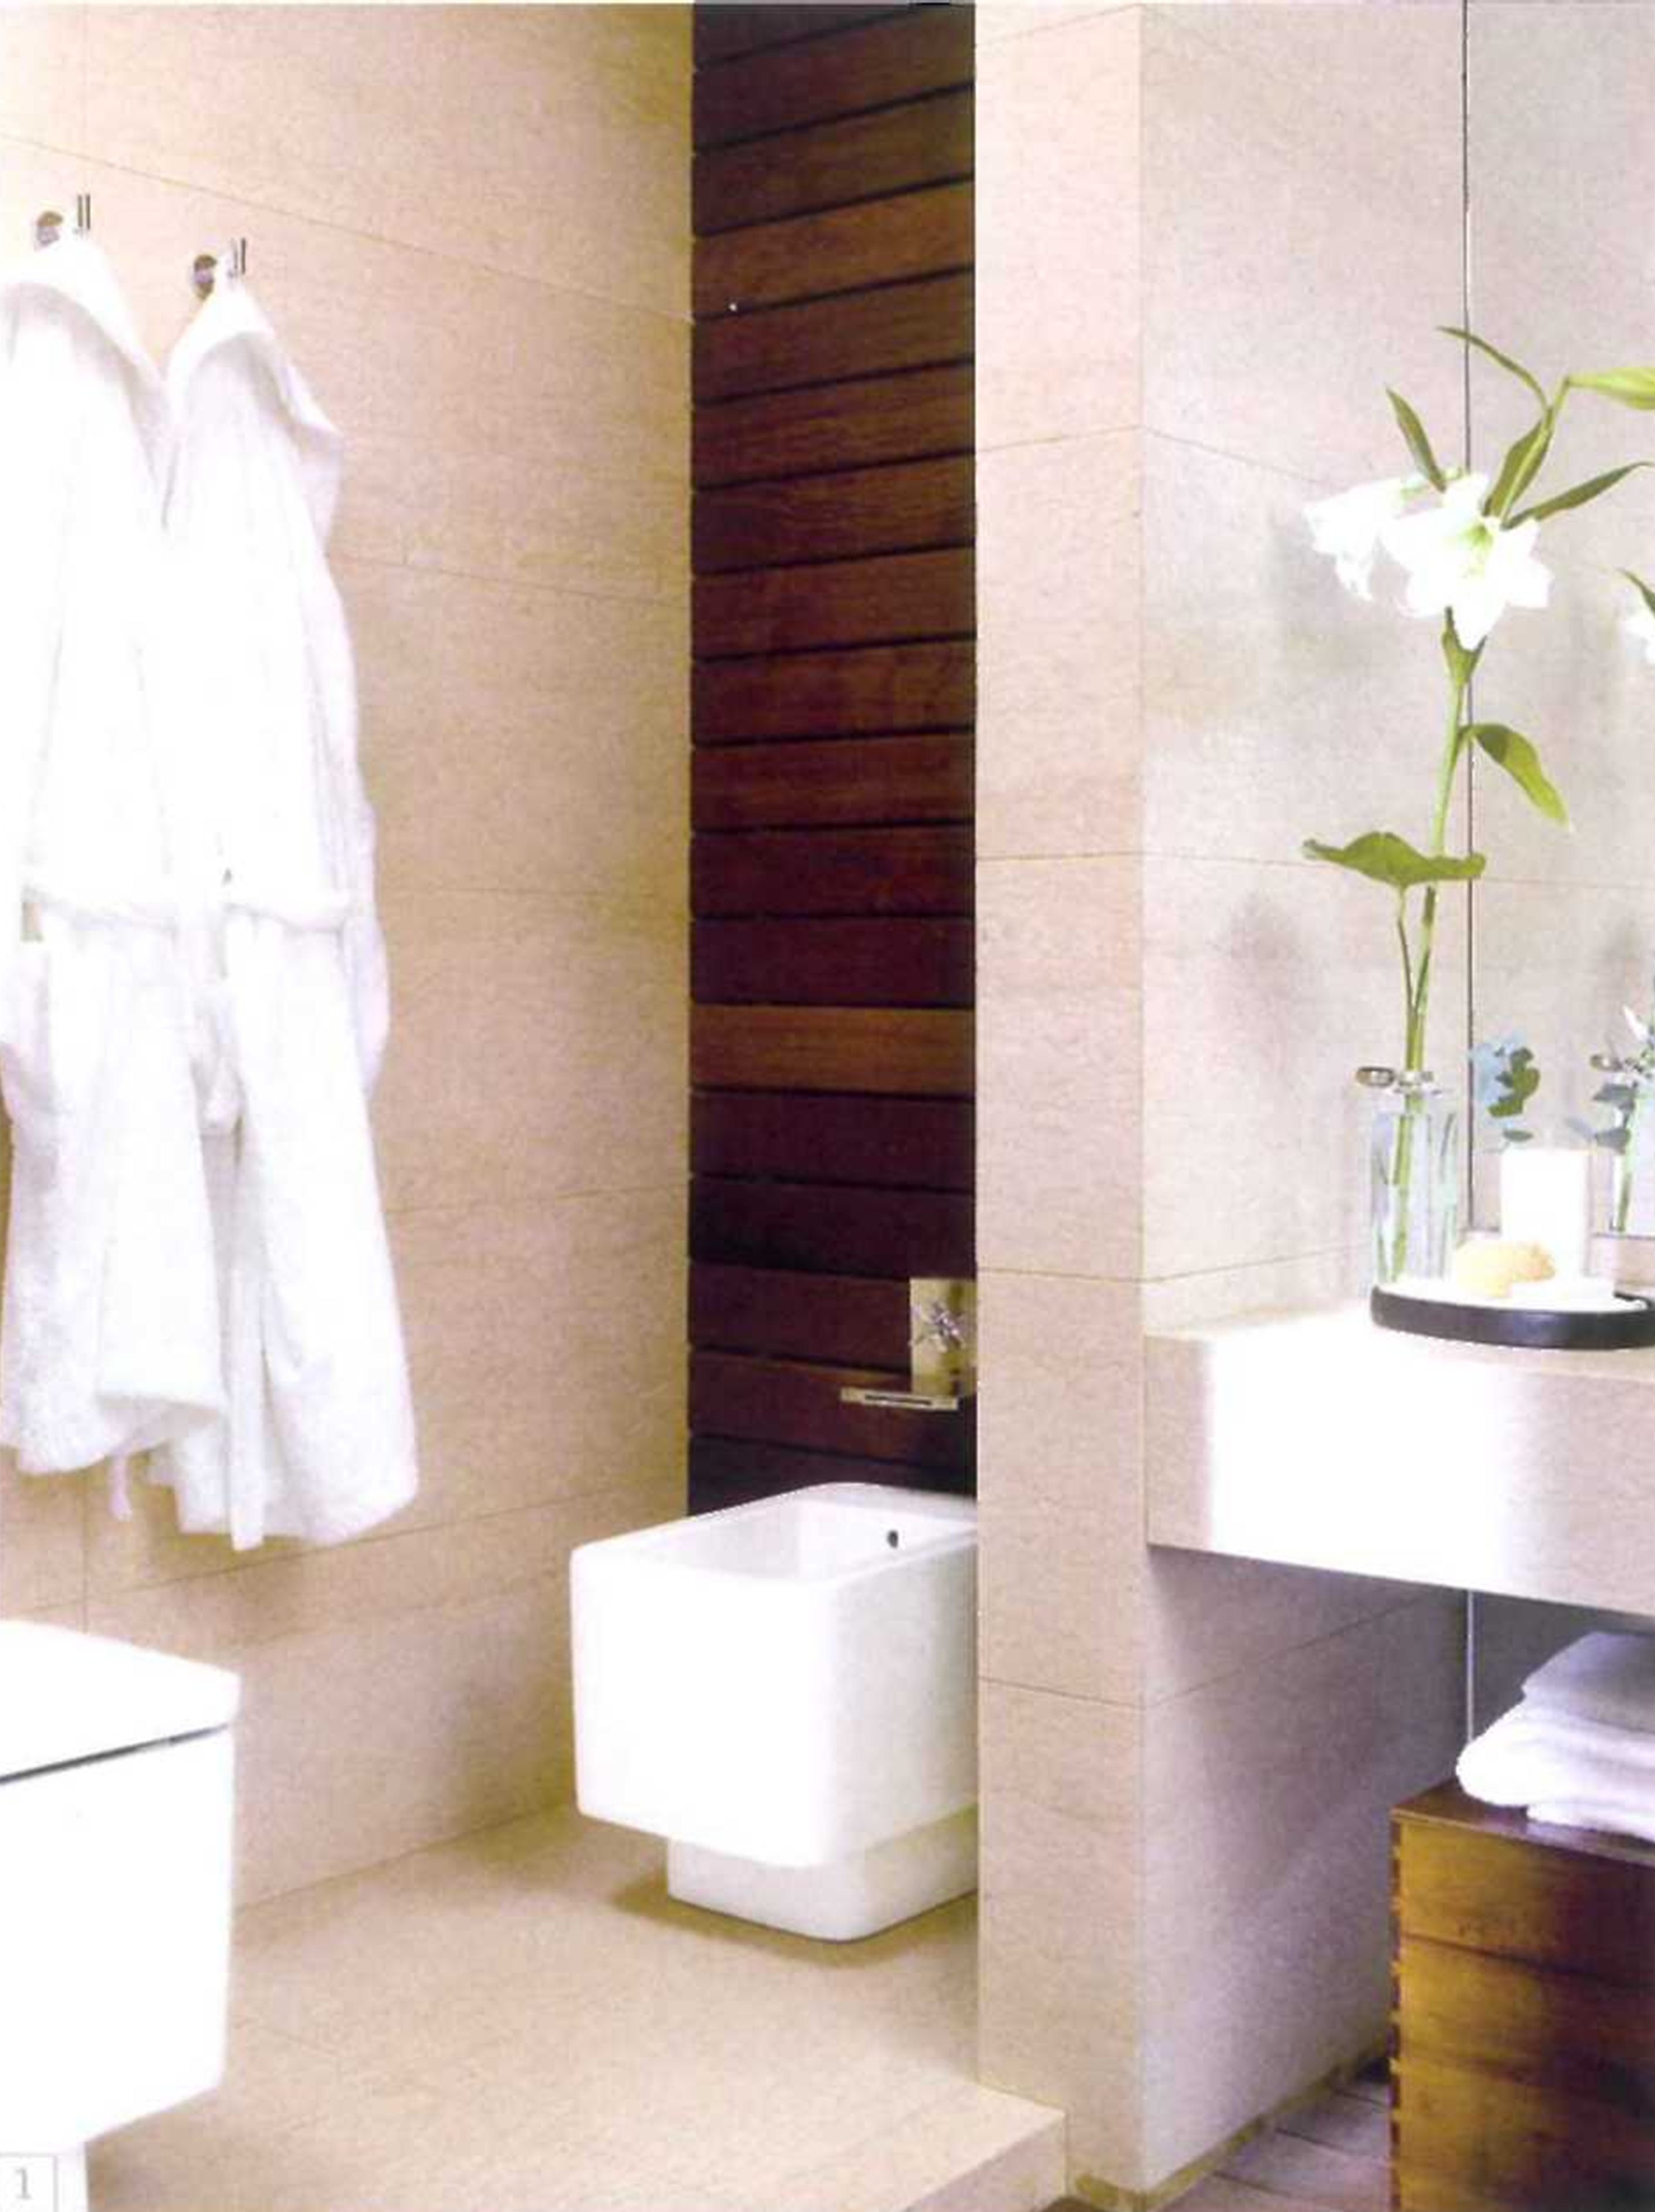 decoração de casas - decoração de casa de banho sanita quadrada